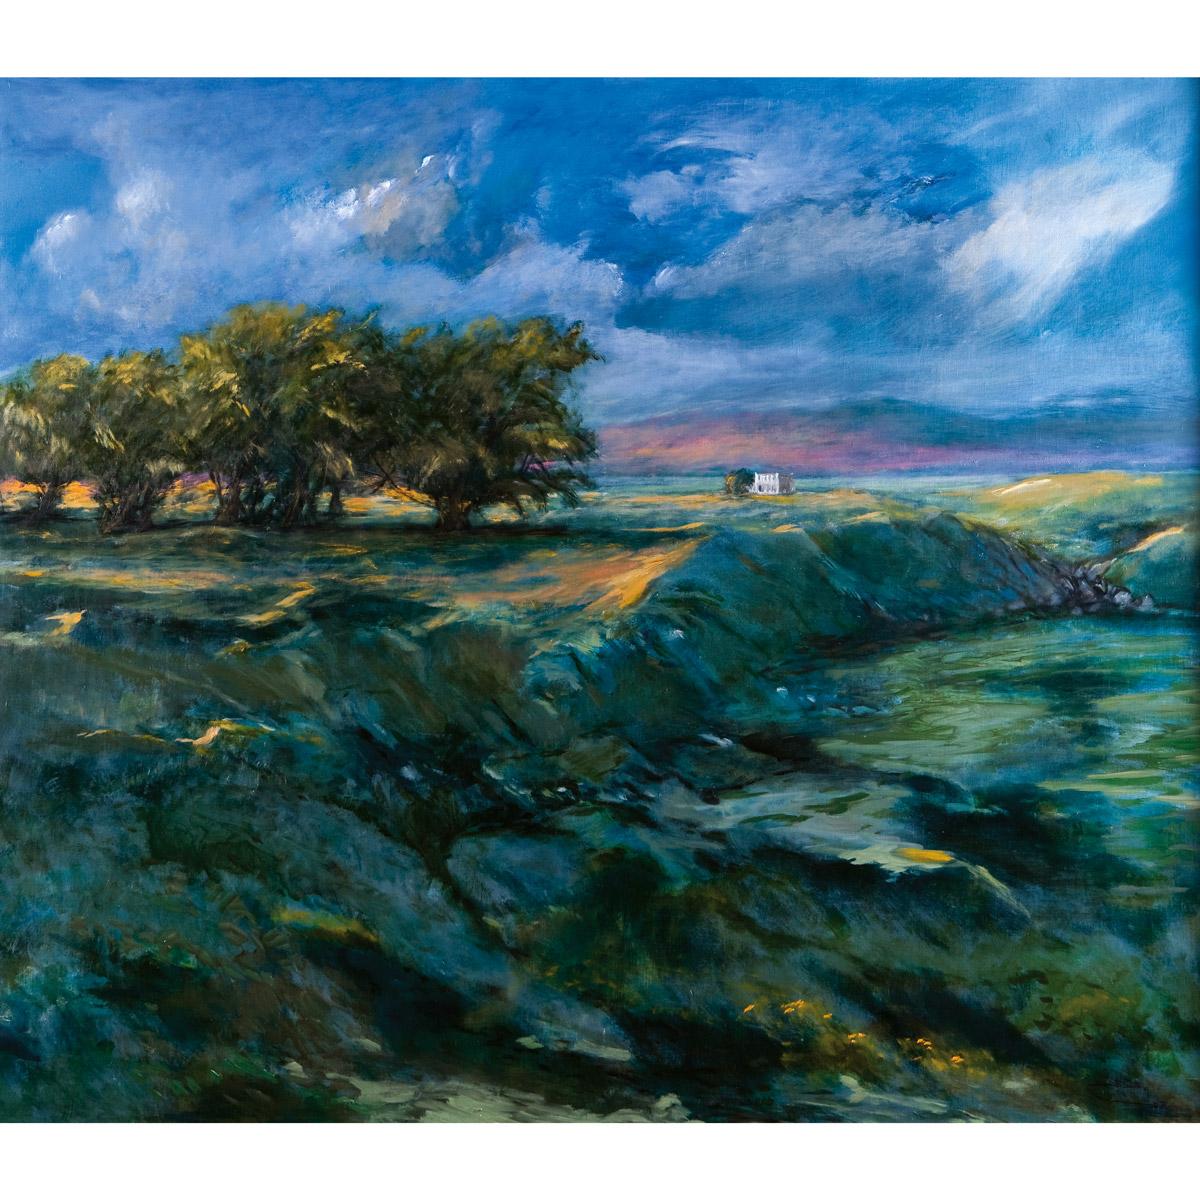 rashid al khalifa artwork 2006